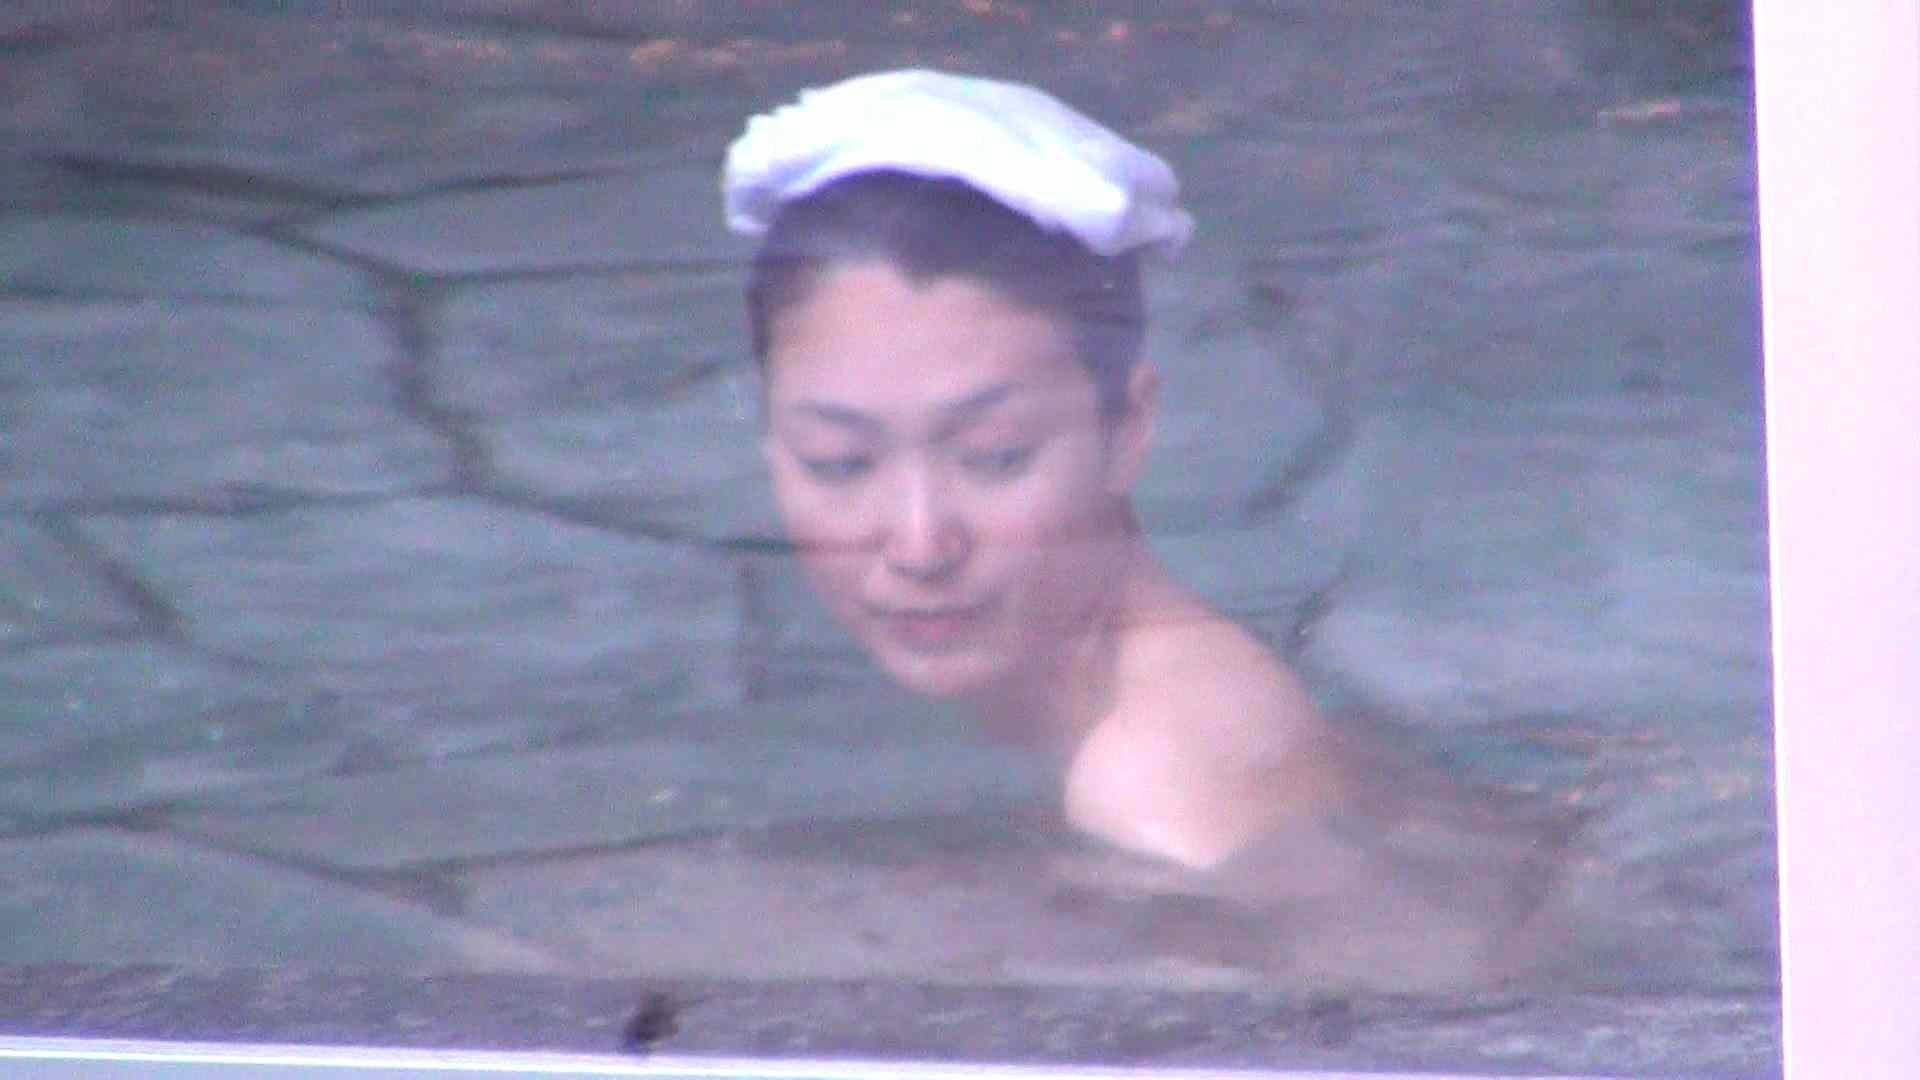 Aquaな露天風呂Vol.290 盗撮 | 露天  104pic 30